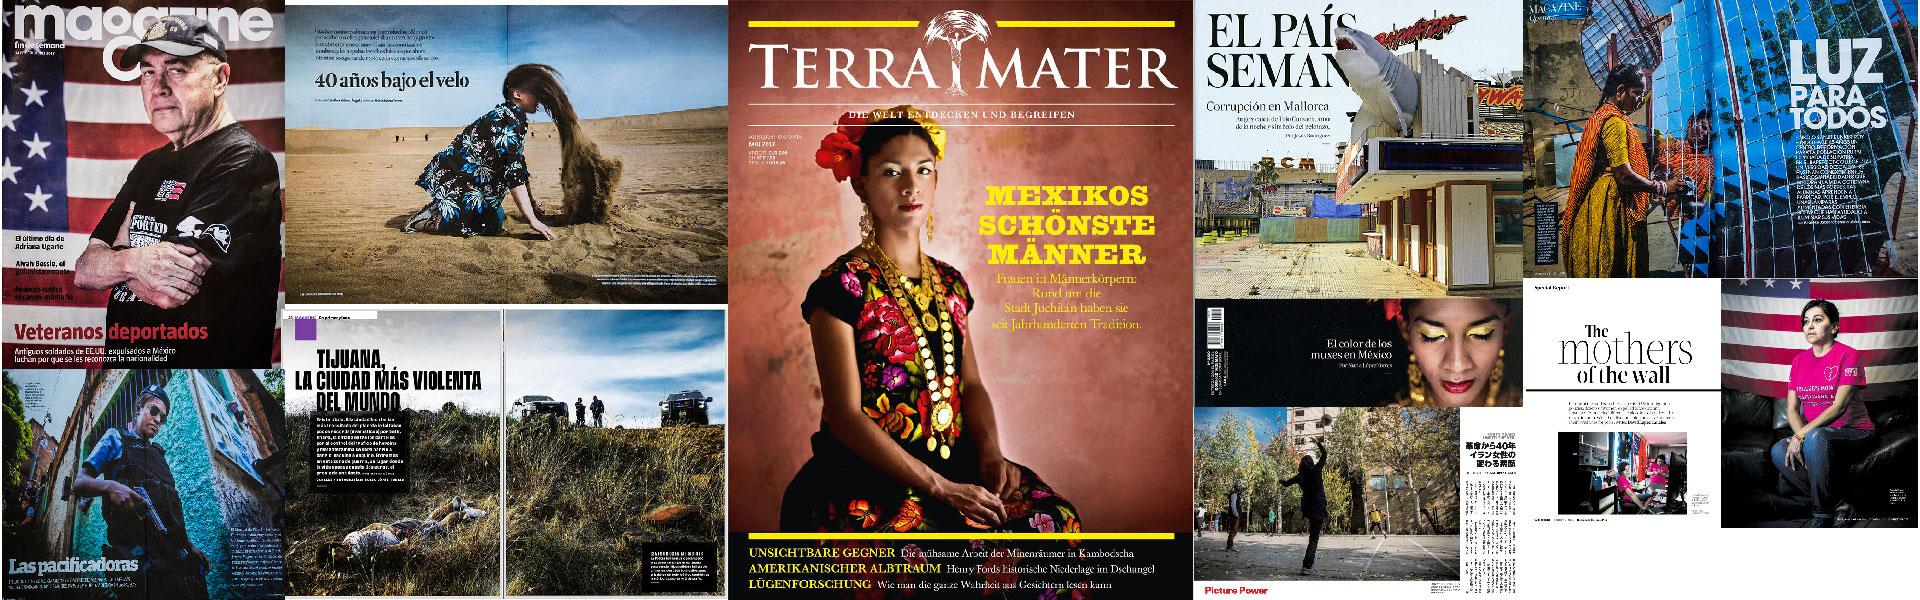 Les Publicacions en Fotografia Documental